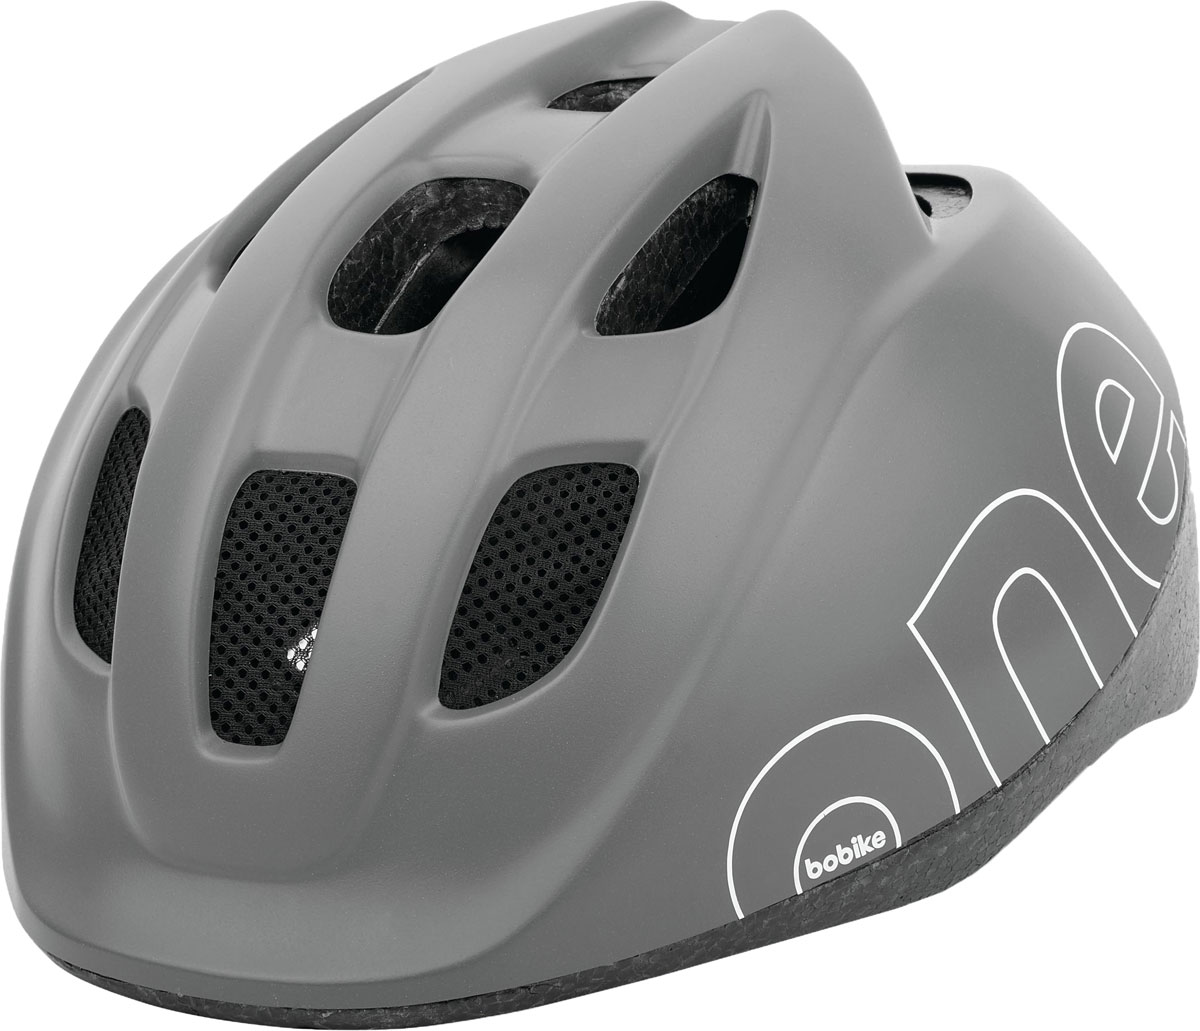 Шлем велосипедный Bobike One Urban Grey, детский, цвет: серый. Размер XS (46-53 см)8740200024Девиз Bobike – просто безопасно! Важнейшей частью безопасного катания на велосипеде является шлем. Серия шлемов Bobike ONE – это качественные шлемы доступные в цветах кресел Bobike ONE. Вы сможете подобрать шлем отлично дополняющий Ваше кресло, велосипед и образ в целом. Лёгкая конструкция с улучшенной защитой затылка. 9 вентиляционных отверстий обеспечивают великолепную циркуляцию воздуха. Каждое вентиляционное отверстие закрыто противомоскитной сеткой, защищая голову от летящих насекомых. Шлем имеет регулировку размера для идеальной подгонки посадки шлема под голову вашего ребёнка и светоотражающую наклейку на затылке, увеличивающую заметность ребёнка на дороге. • Цвета в стиле кресел Bobike ONE• 9 вентиляционных отверстий• Регулировка размера на затылке• Светоотражающай элемент, для лучше заметности на дороге• Возраст от 1 до 6 лет• Размер XS: от 48 до 53 см• Вес: 230 г.